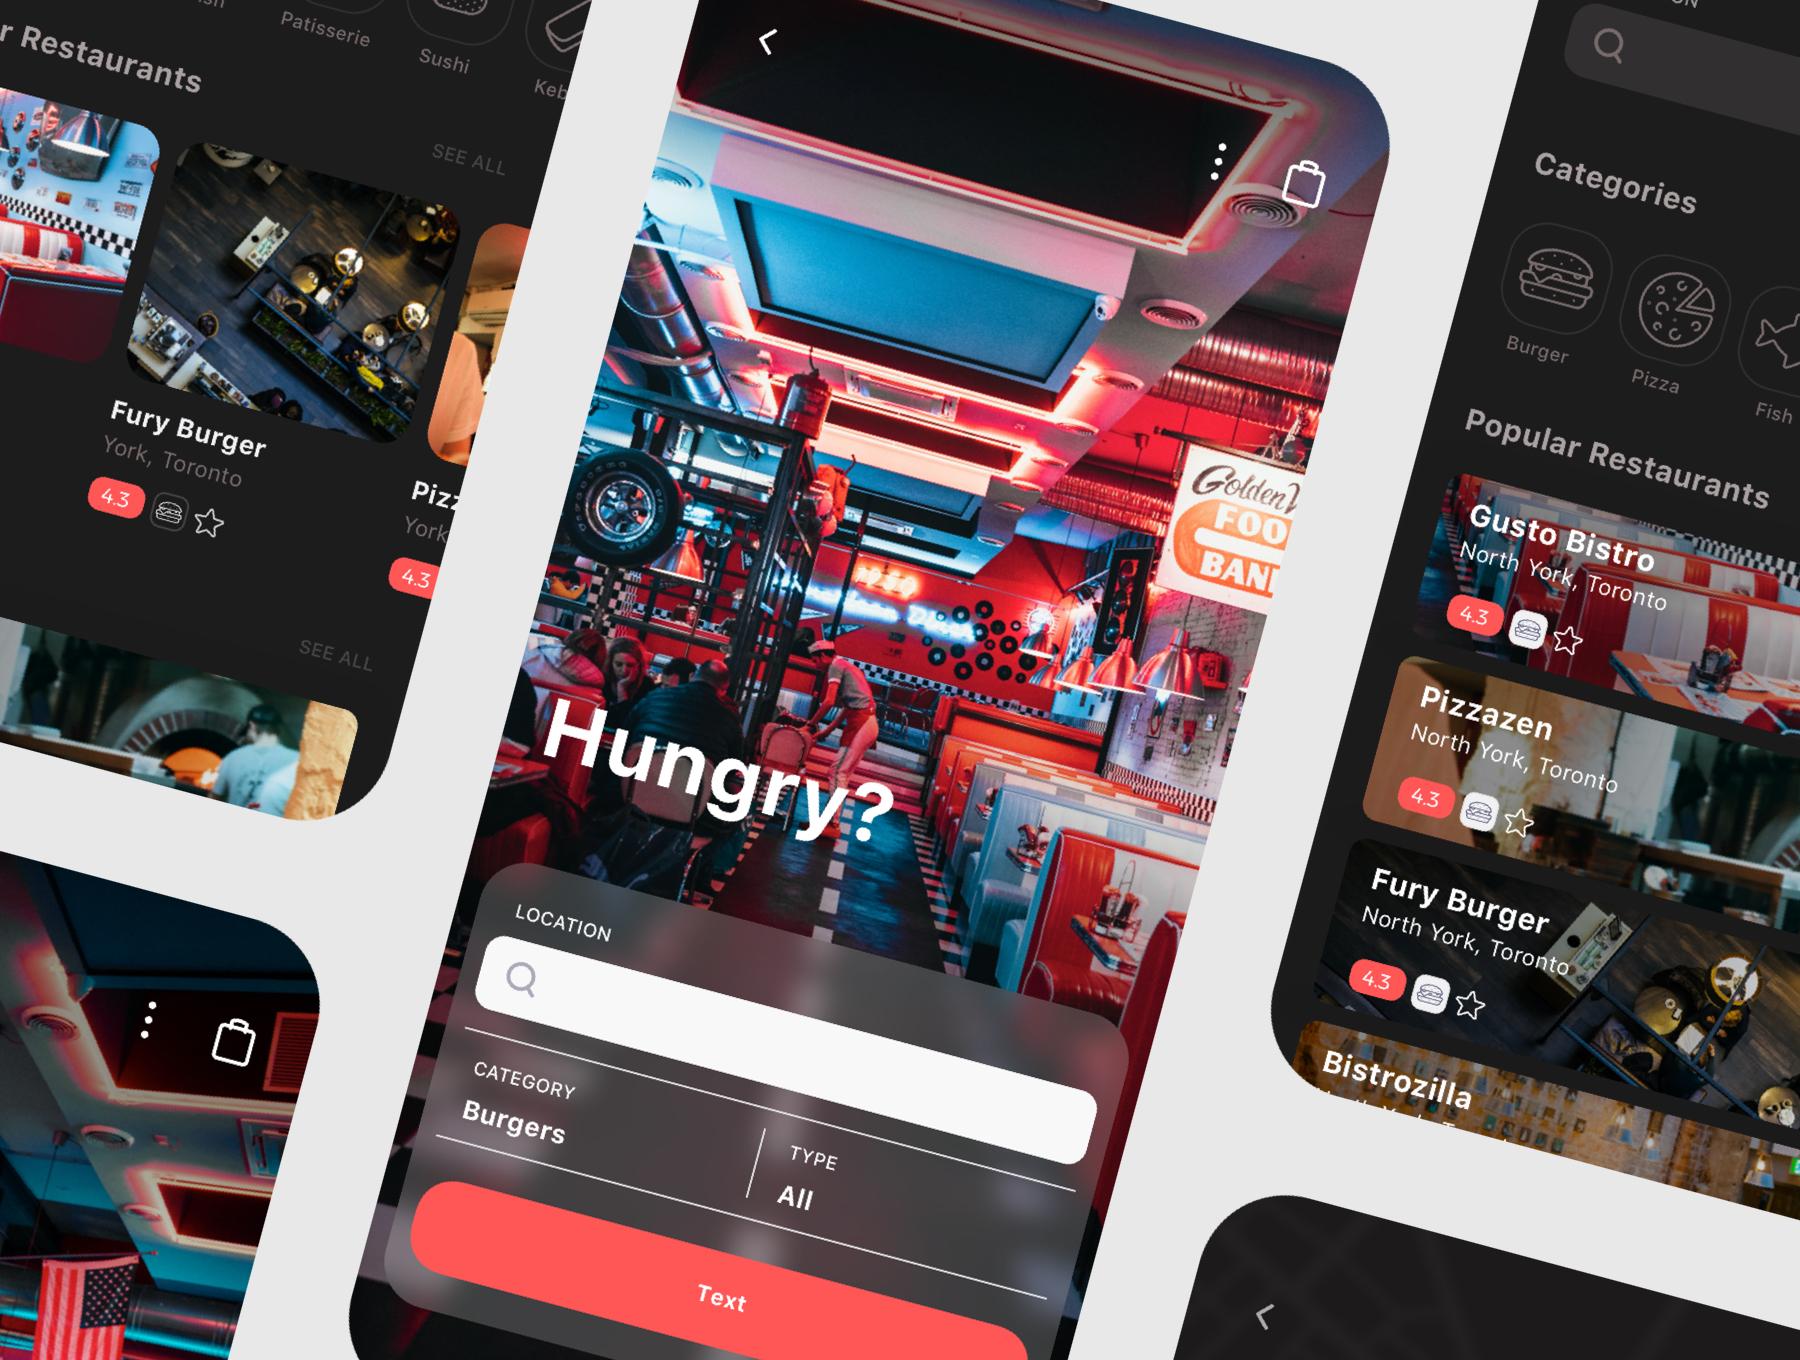 食品外卖配送服务移动应用APP界面设计UI套件 Spes Dark Food Delivery App UI Kit插图(8)